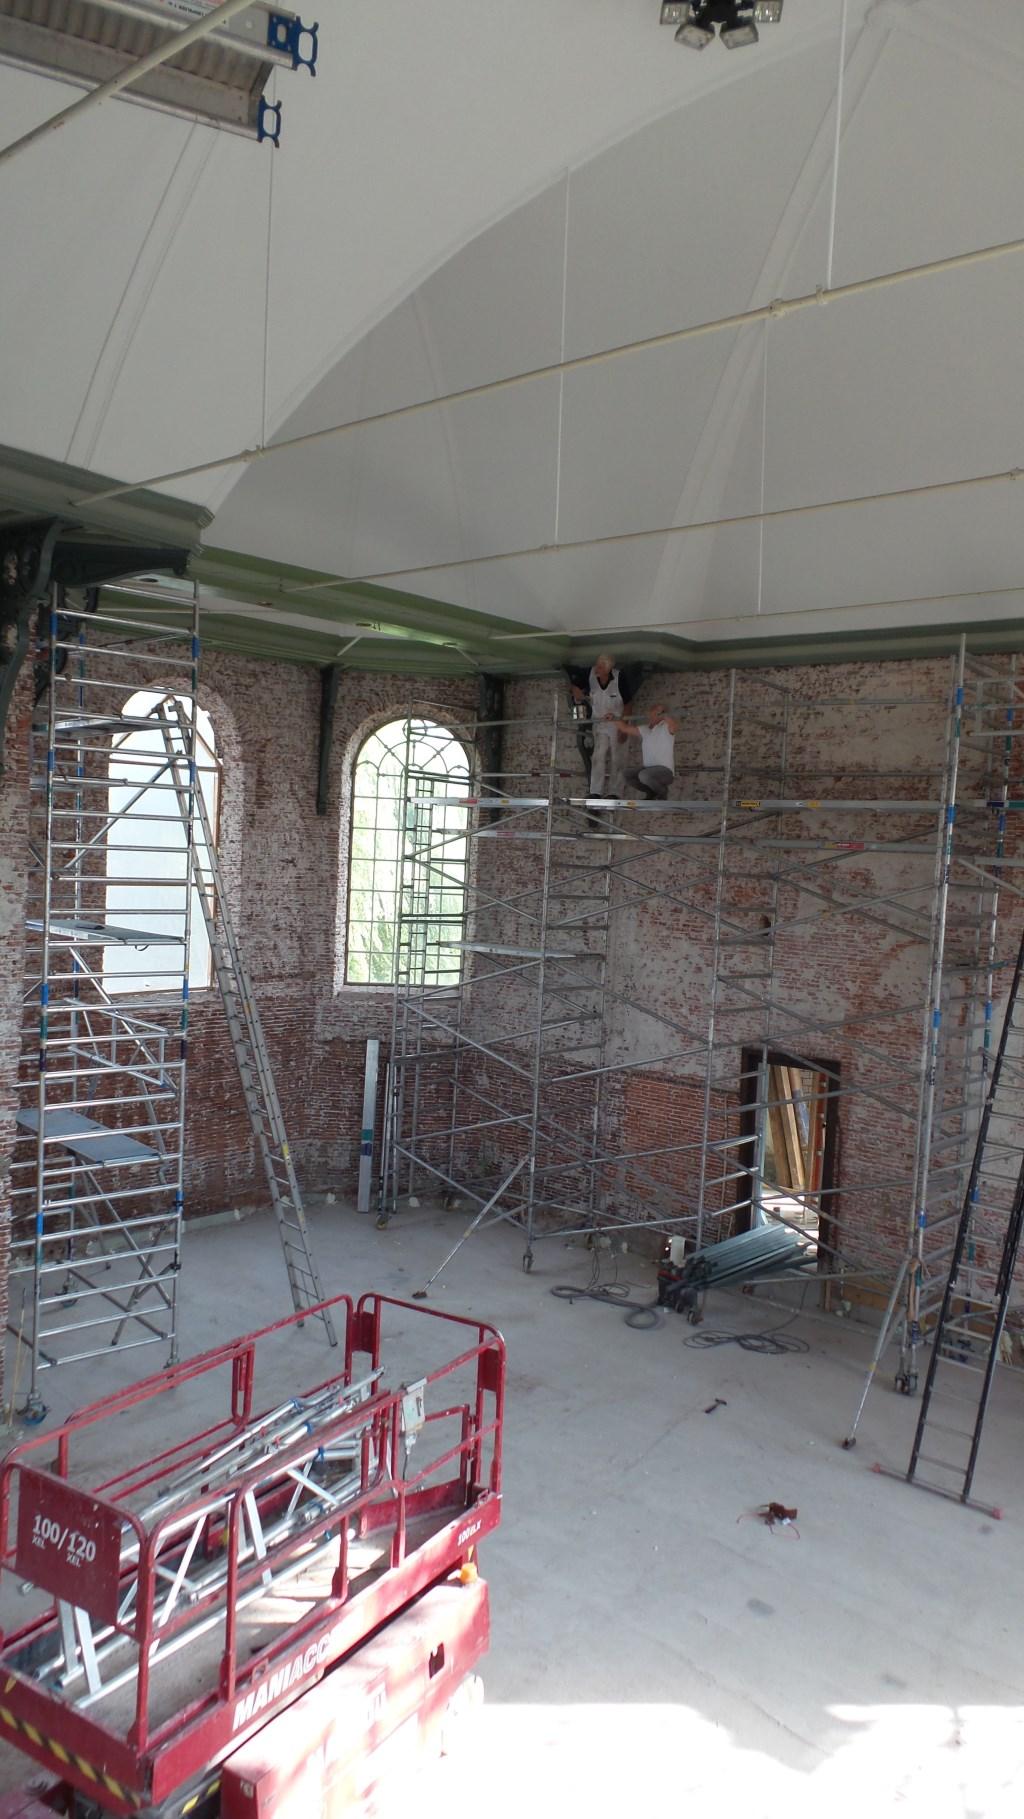 Restauratie binnenzijde Kerk. Foto's beschrikbaar gesteld door CvK Zegveld.  © DPG Media